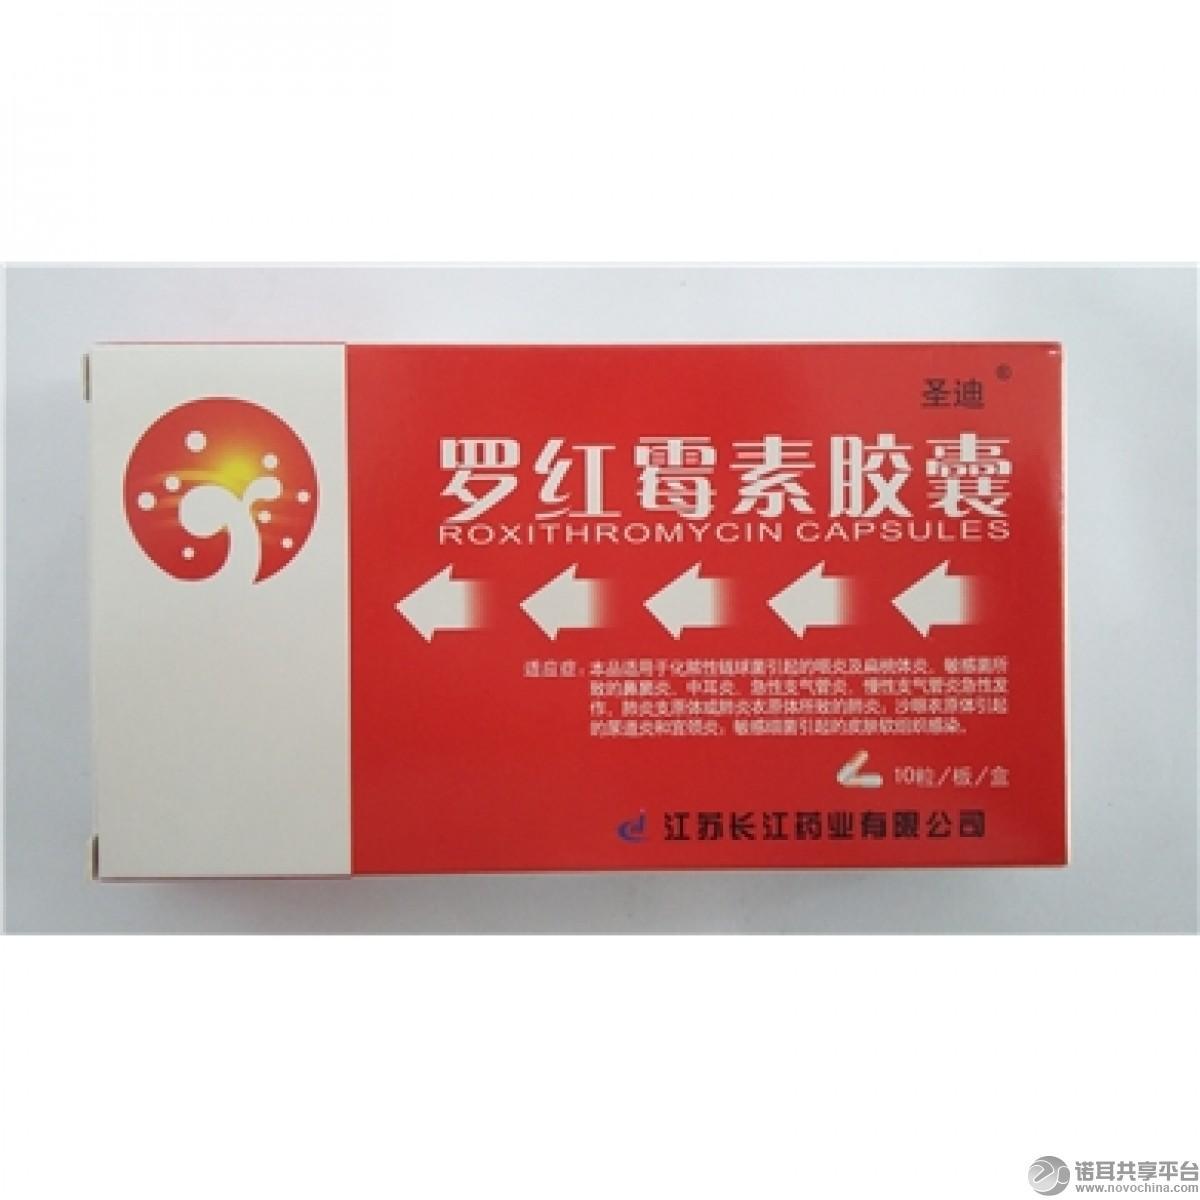 罗红霉素胶囊0.15g*10s